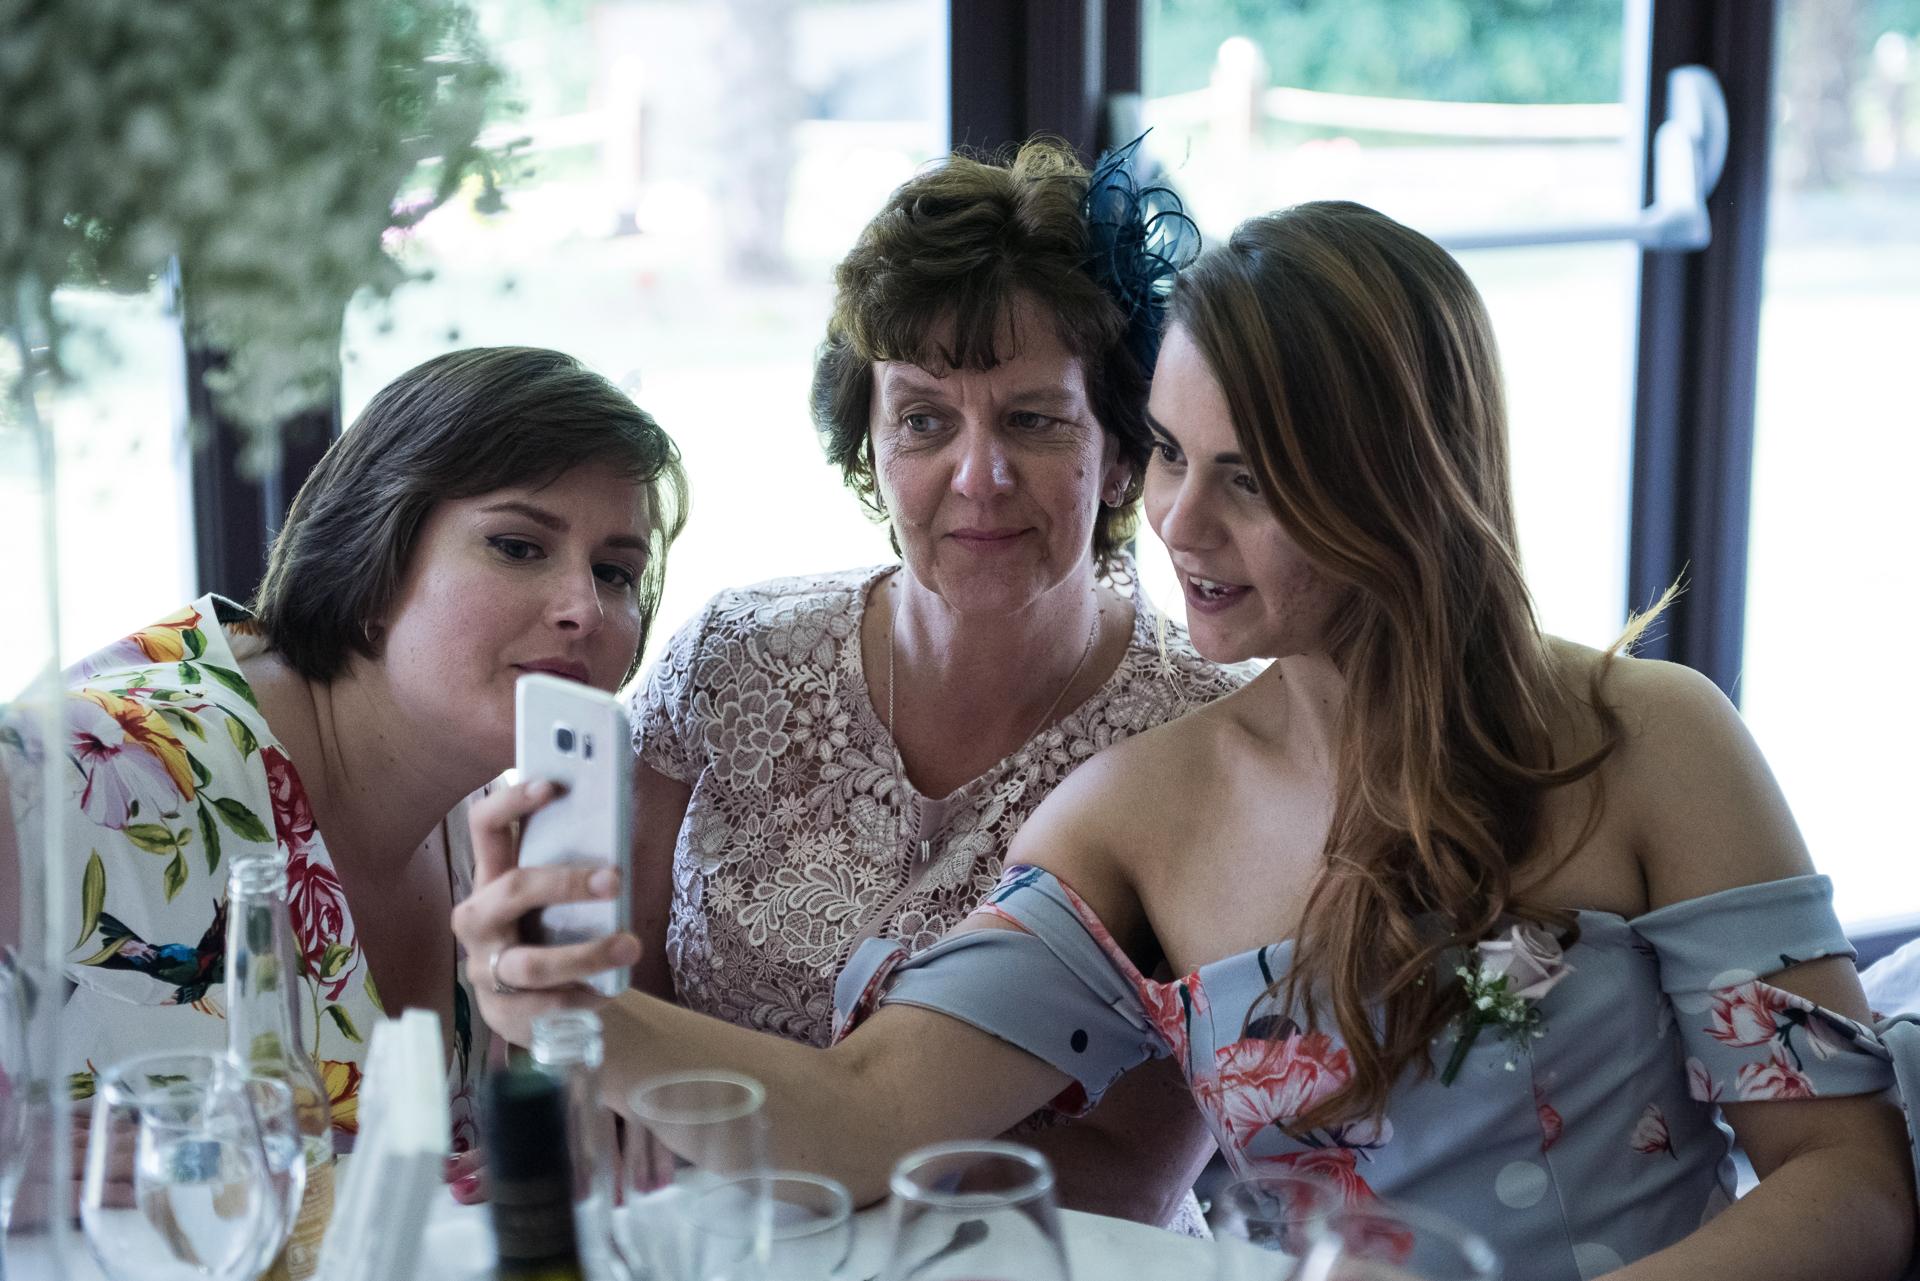 Frensham-Pond-Hotel-wedding_52.JPG